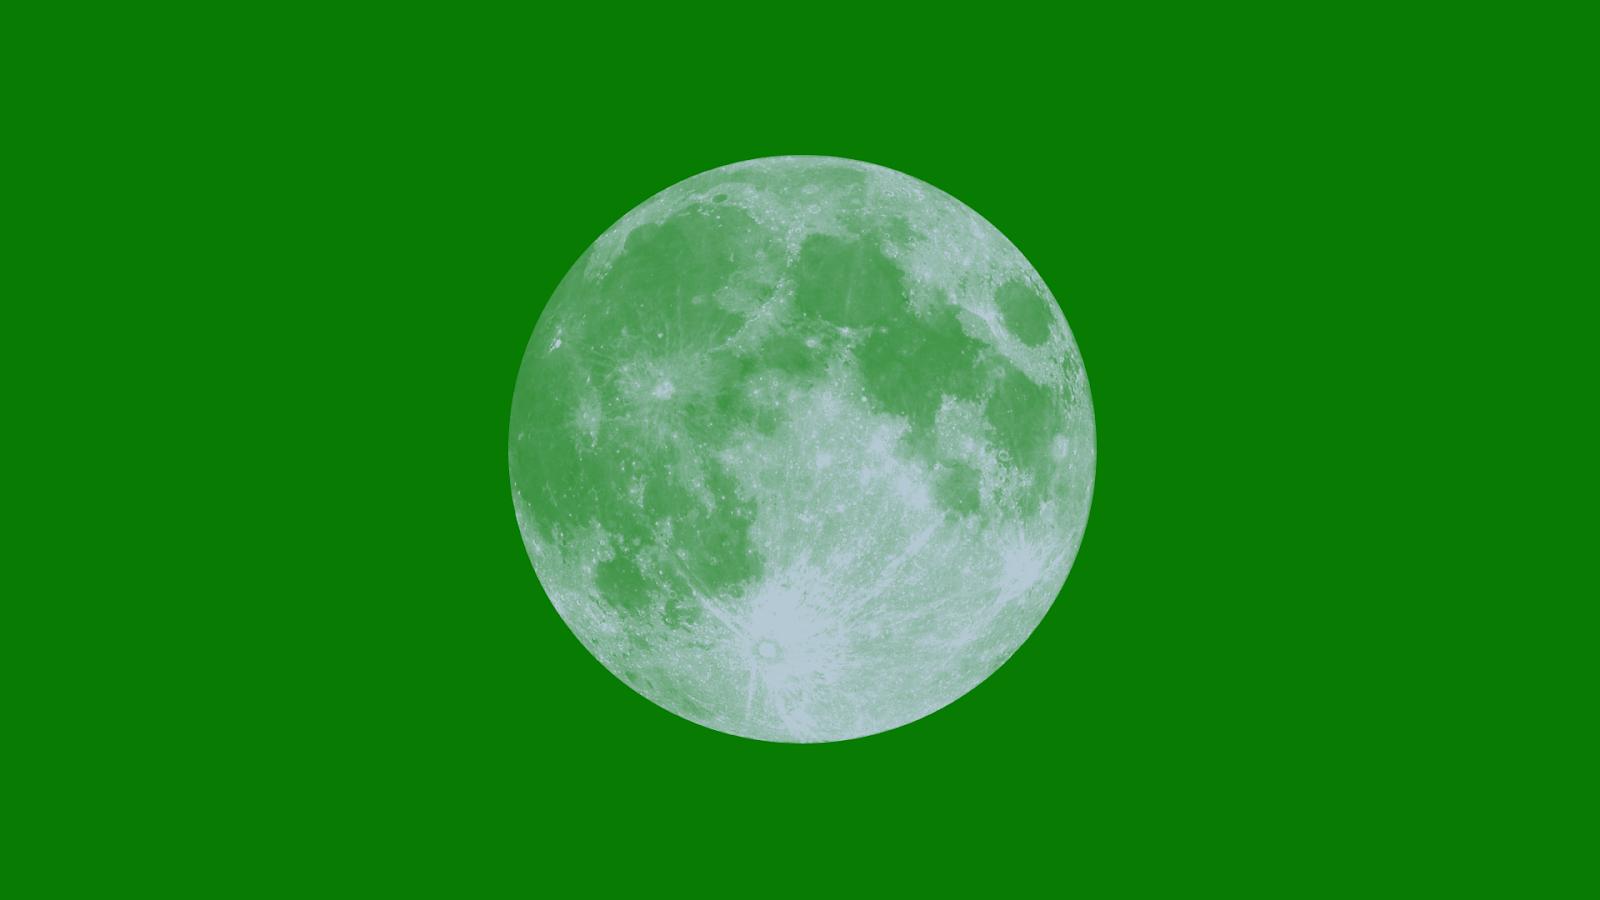 كروما قمر كروما سوداء كروما خضراء كروما زرقاء كروما كين ماستر كرومات للمونتاج خلفيات ايفون خلفيات اندرويد2019